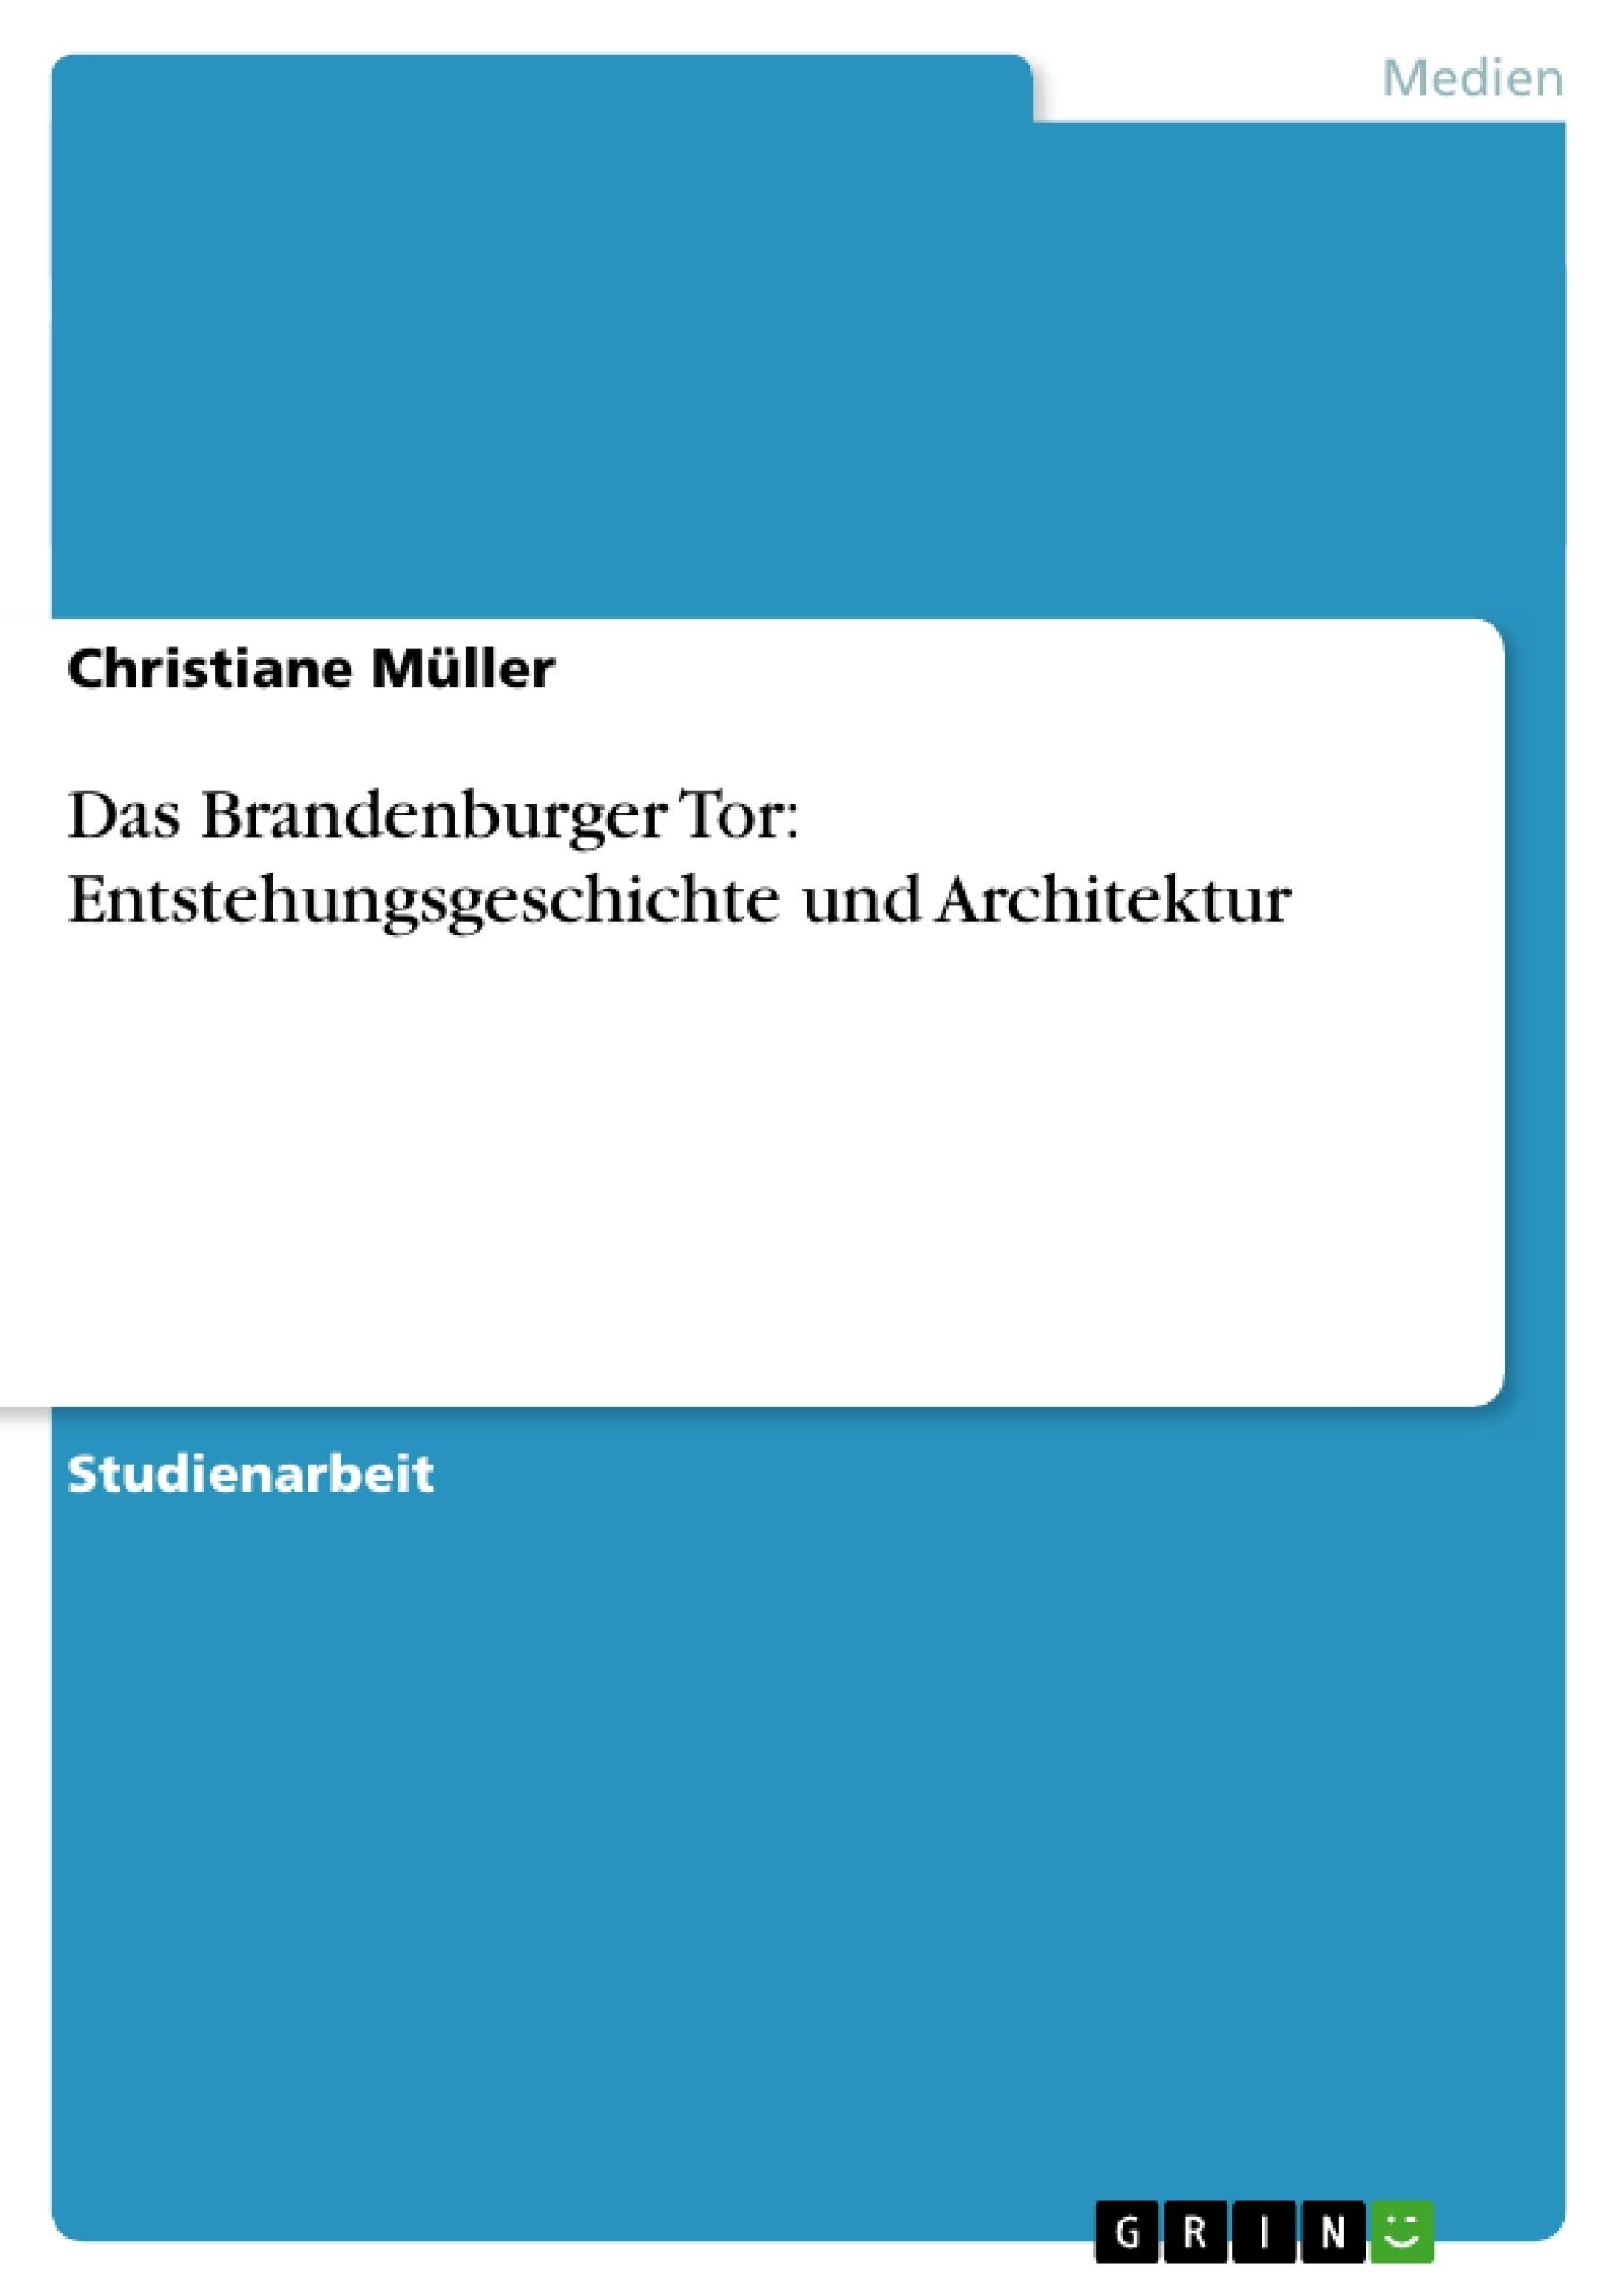 Titel: Das Brandenburger Tor: Entstehungsgeschichte und Architektur